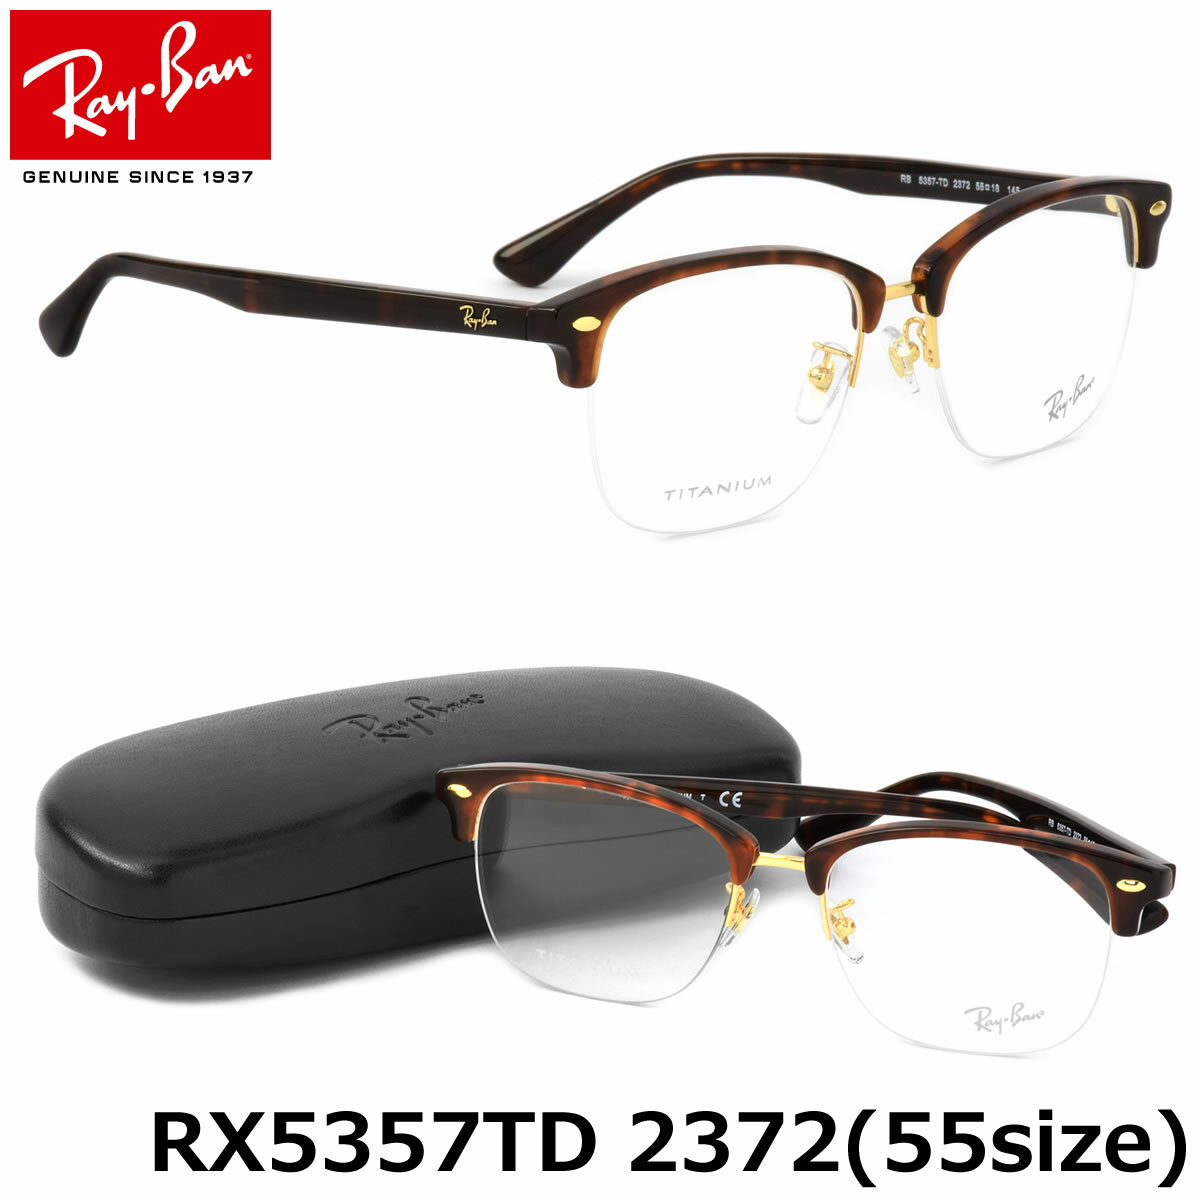 Ray-Ban レイバン メガネRX5357TD 2372 55サイズASIAN DESIGN TECH アジアンデザイン テック コンビネーション サーモントブロー ブロー スクエア ウェリントン レトロ クラシックレイバン RayBan メンズ レディース